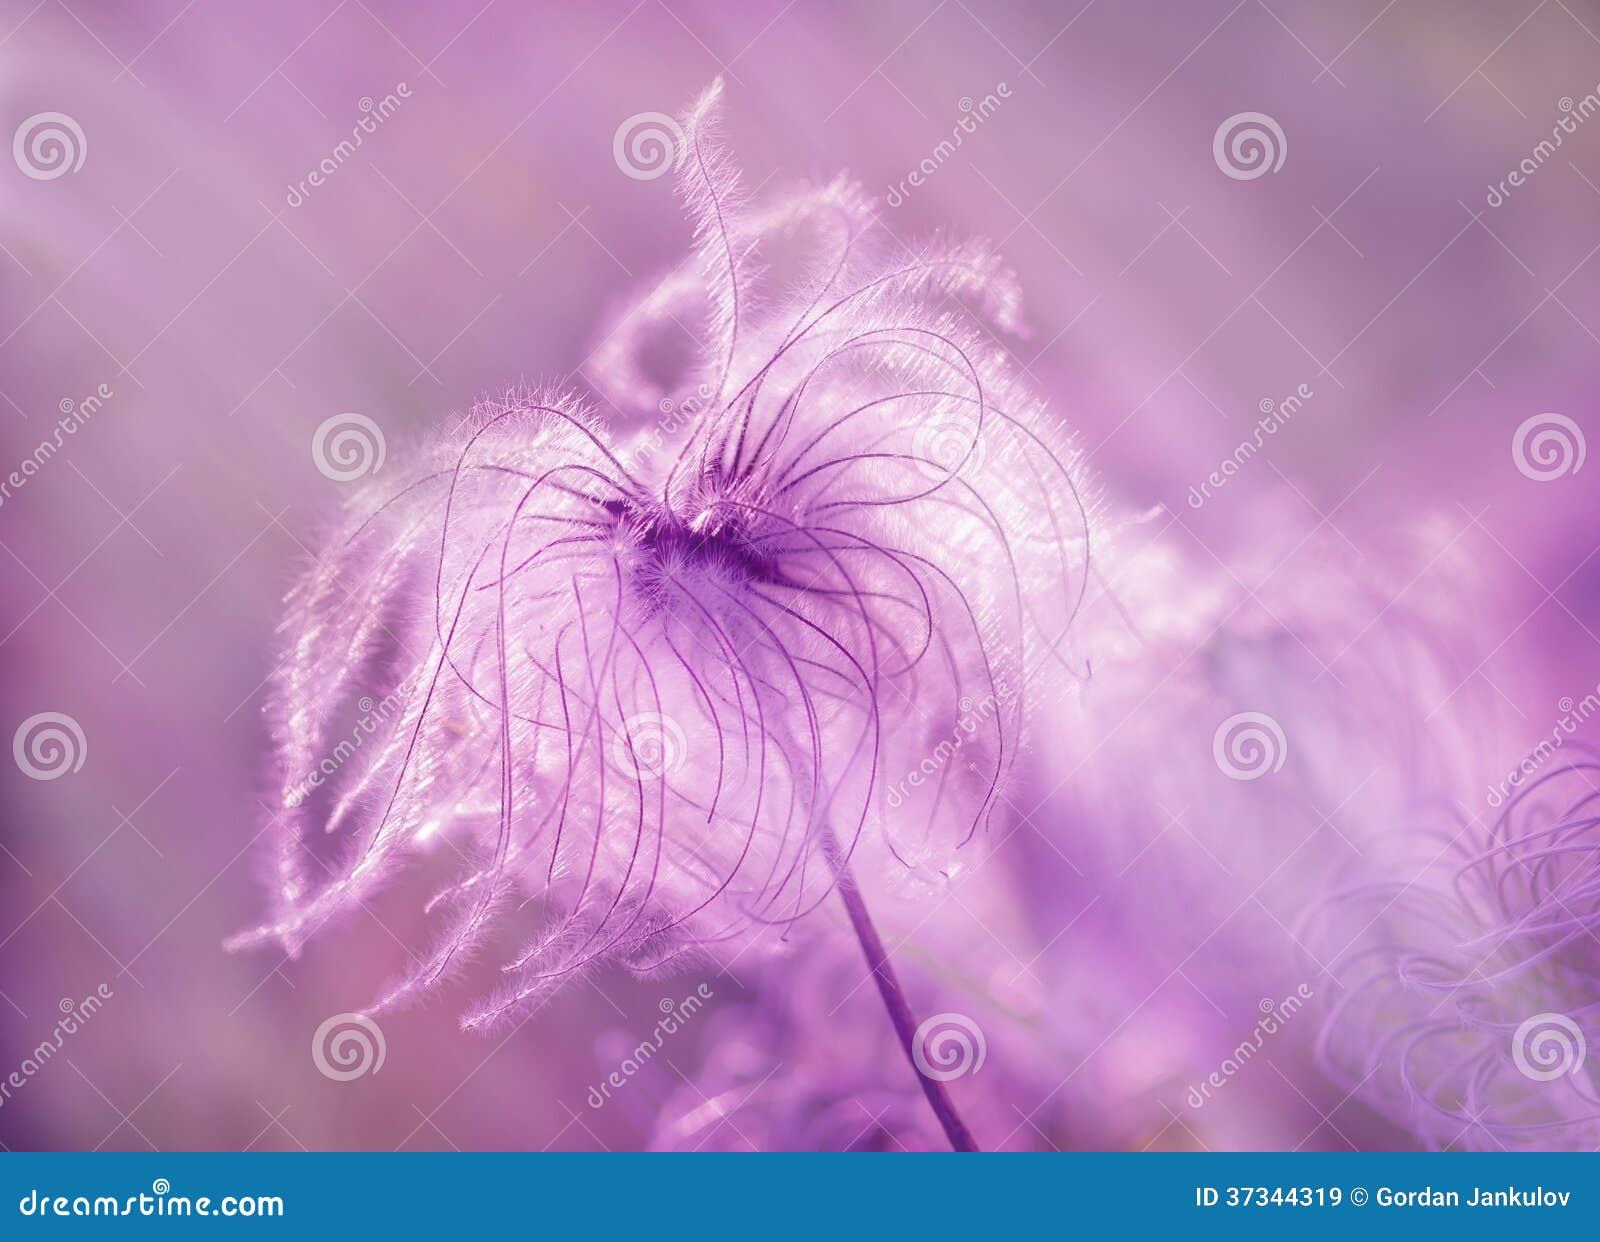 蓬松-软性花